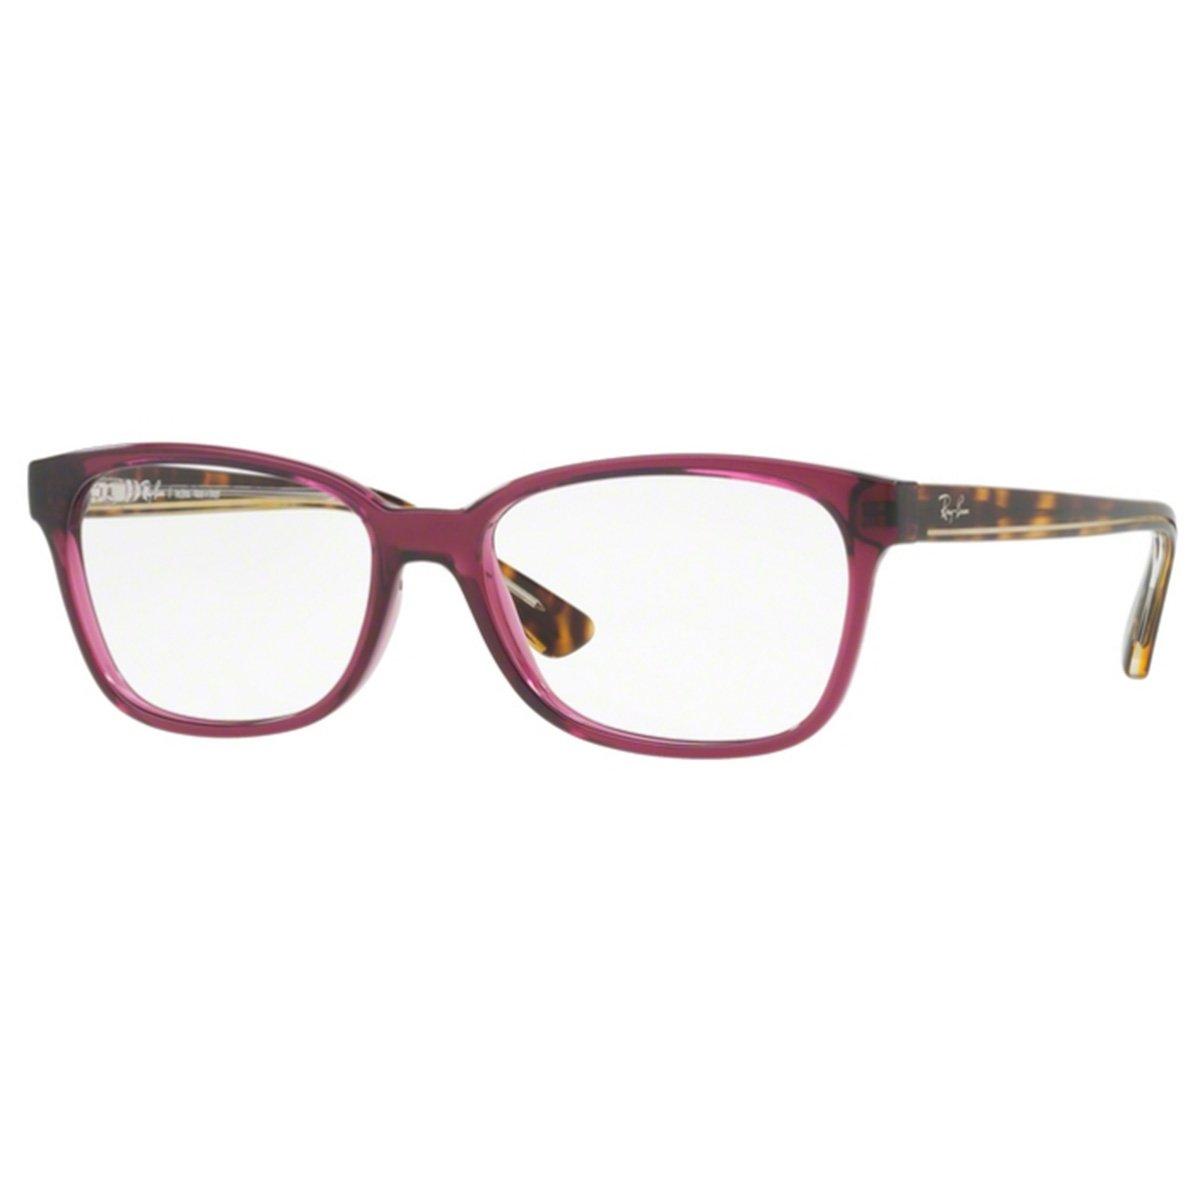 83305a4033 Compre Óculos de Grau Ray Ban Infantil em 10X